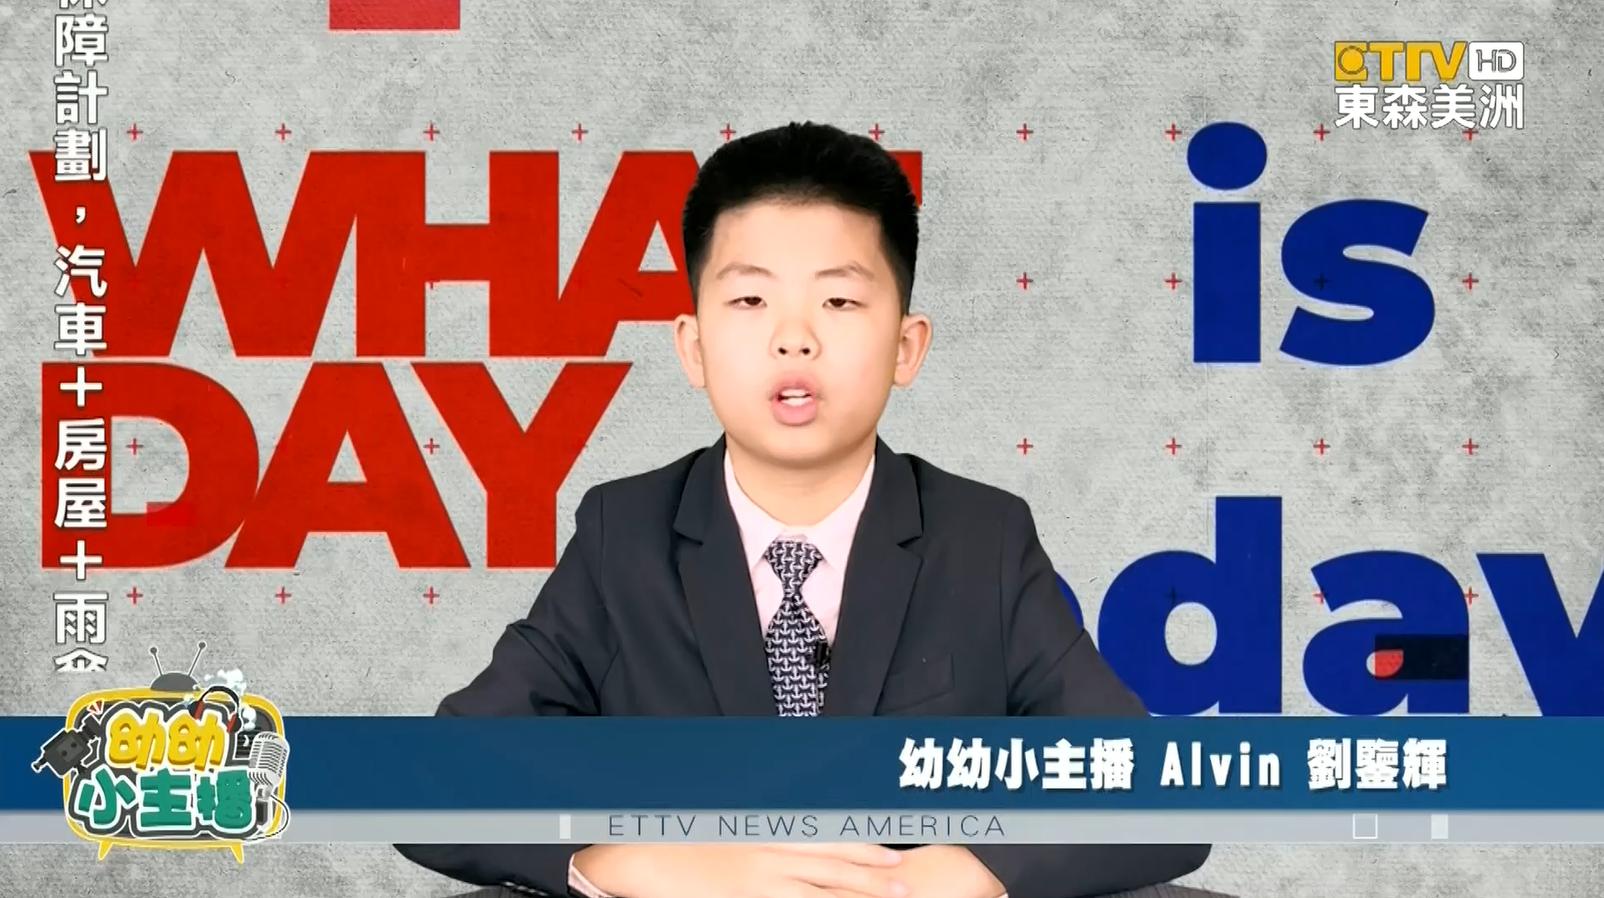 小主播Alvin:3月3日「國家國歌日」 一位愛國者的有感而發